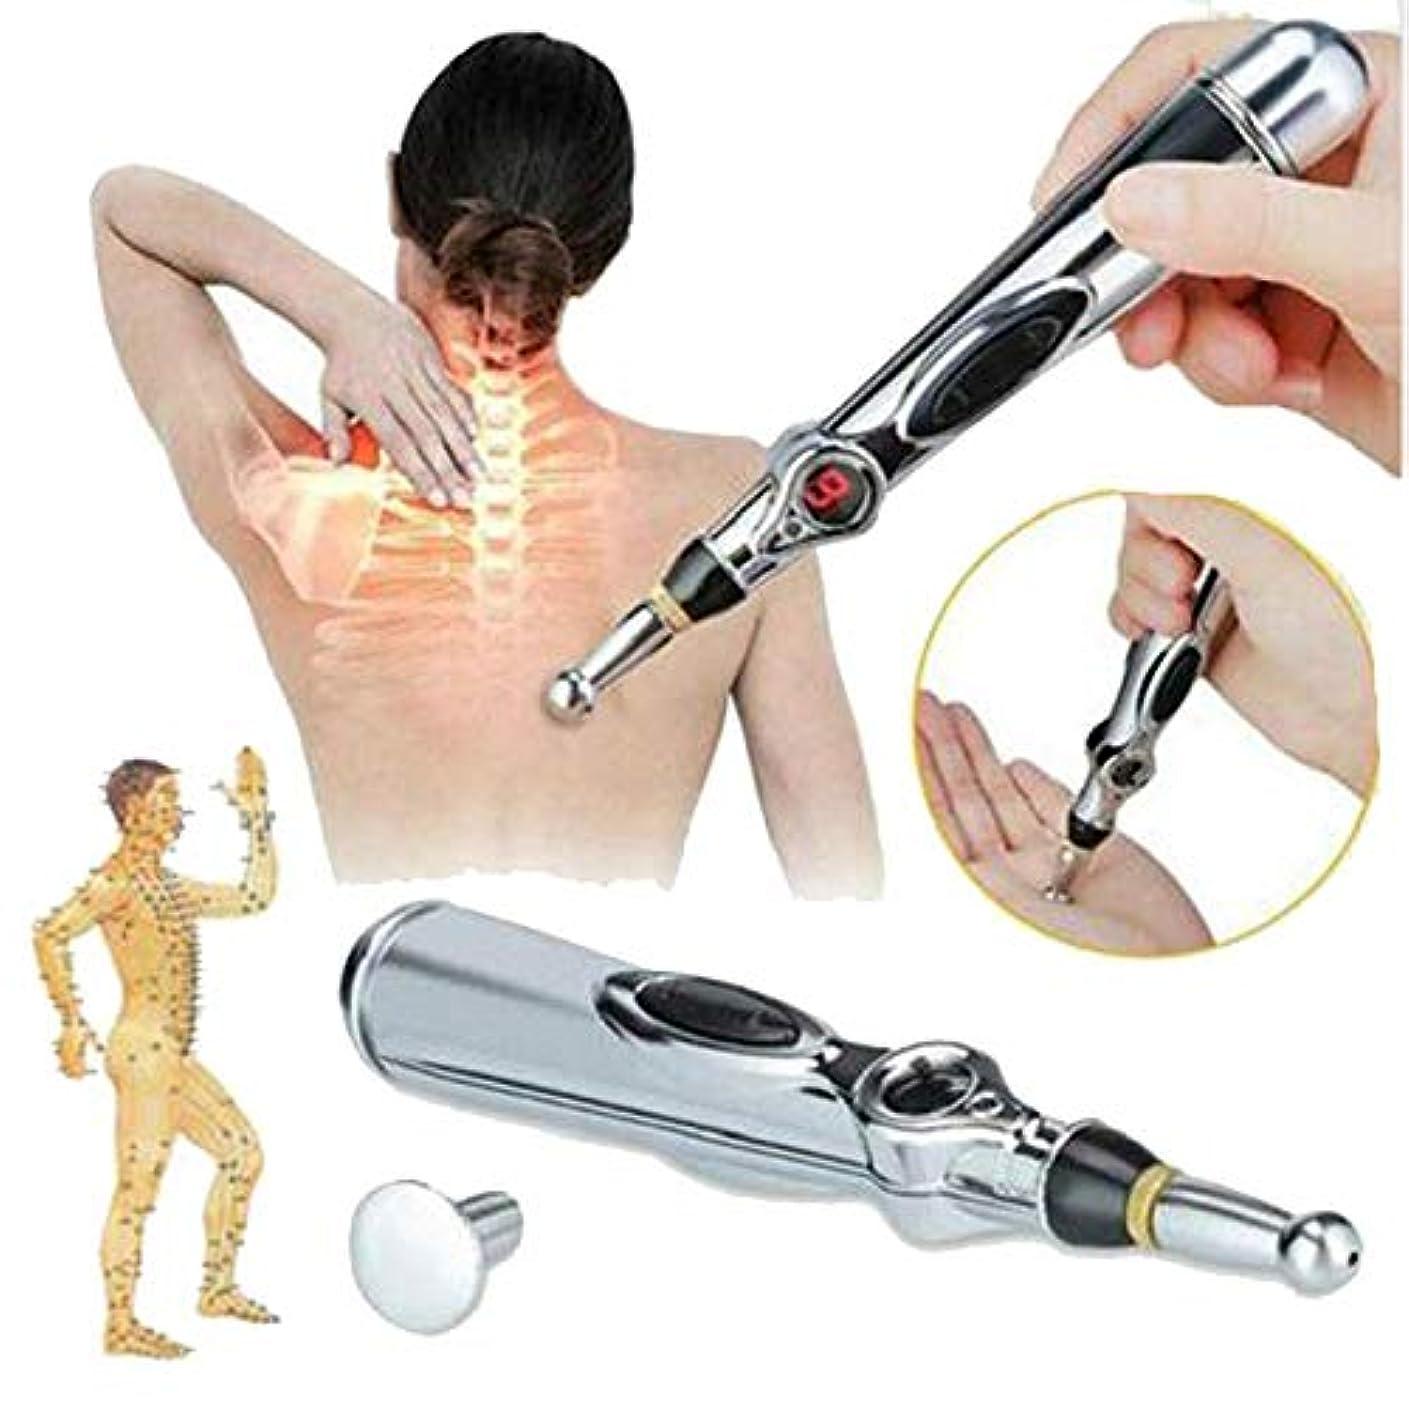 シーフード学期環境保護主義者電子鍼ペン、電子経絡レーザー治療、マッサージペン、経絡エネルギーペン、痛み緩和ツール